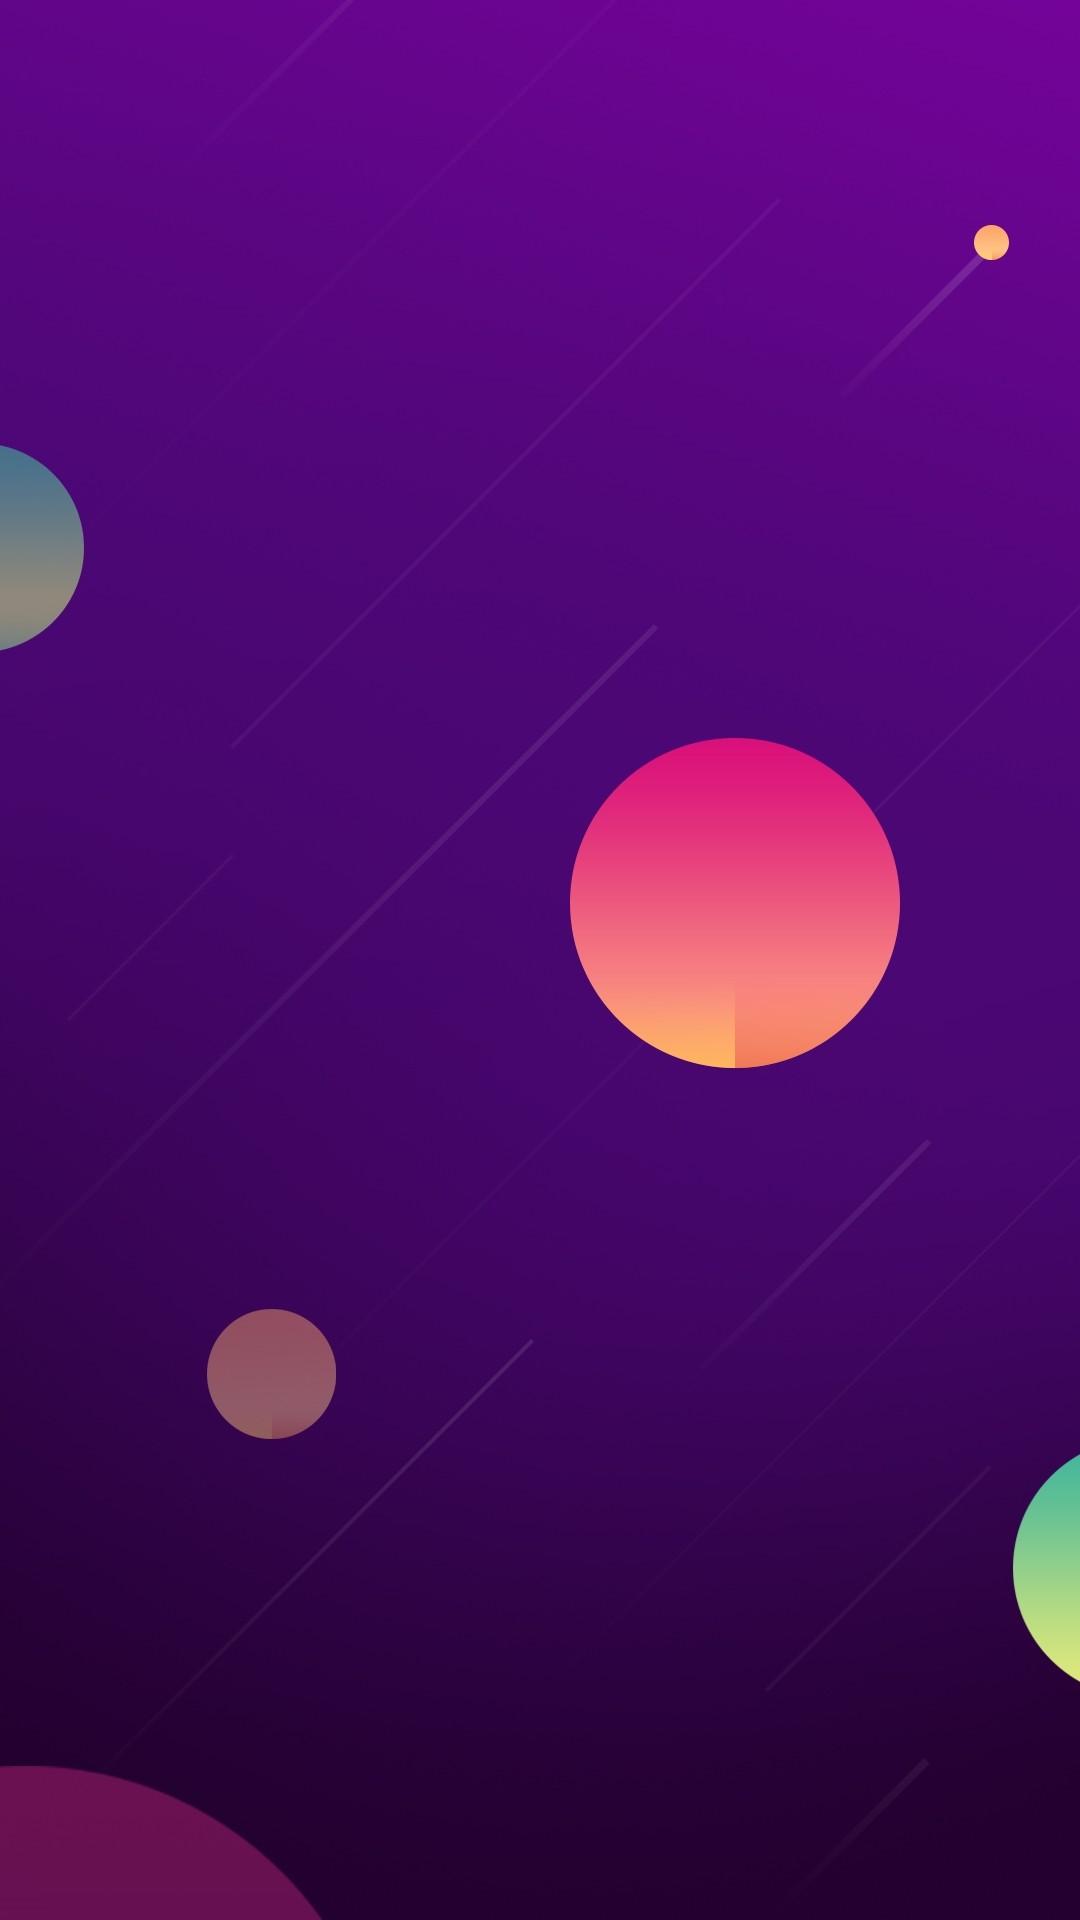 Really Cute Desktop Wallpaper Sfondi Carini 68 Immagini